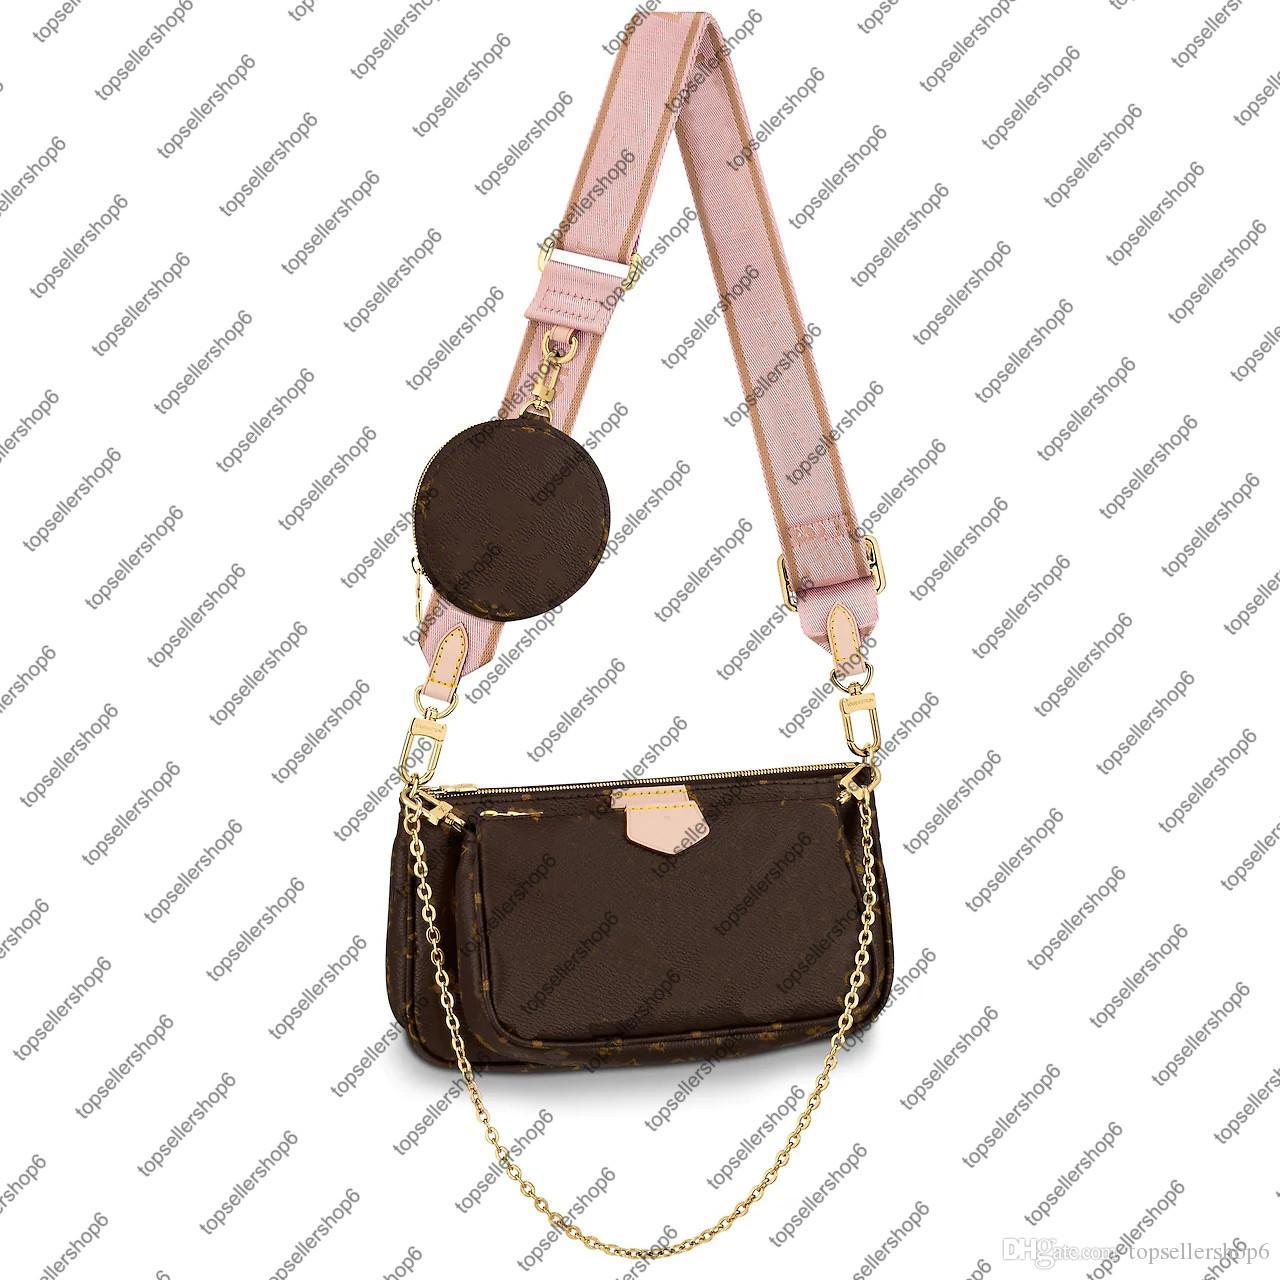 M44840 متعددة pochette accessoires جولة عملة محفظة المرأة قماش البقر الطبيعي جلد البقر مصغرة اثنين pochettes محفظة حقيبة الكتف حقيبة